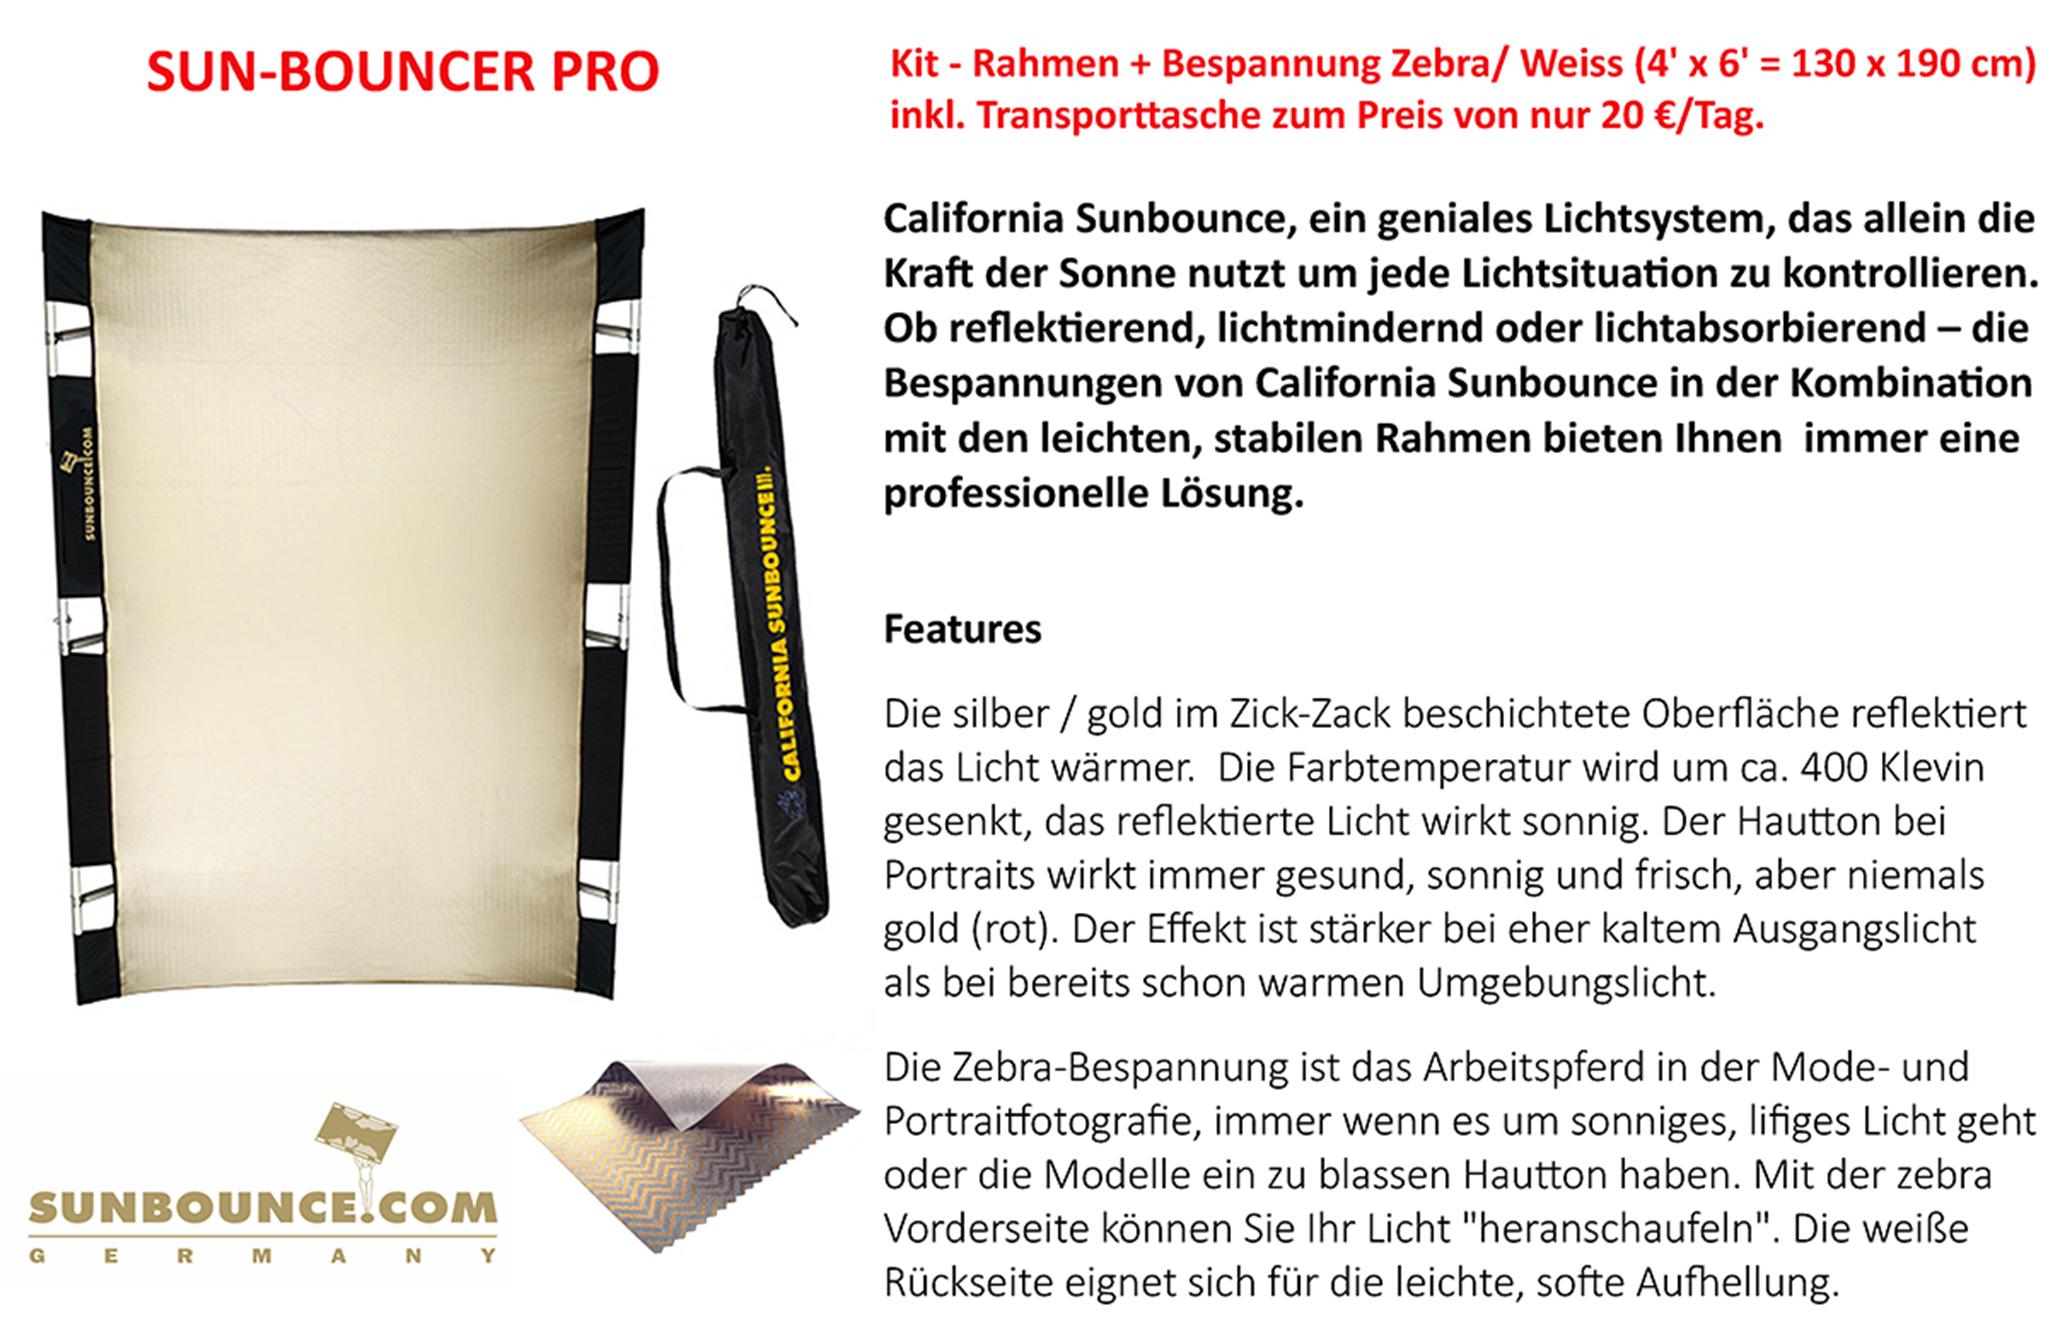 Sun-Bouncer Pro (Zebra/Weiss)